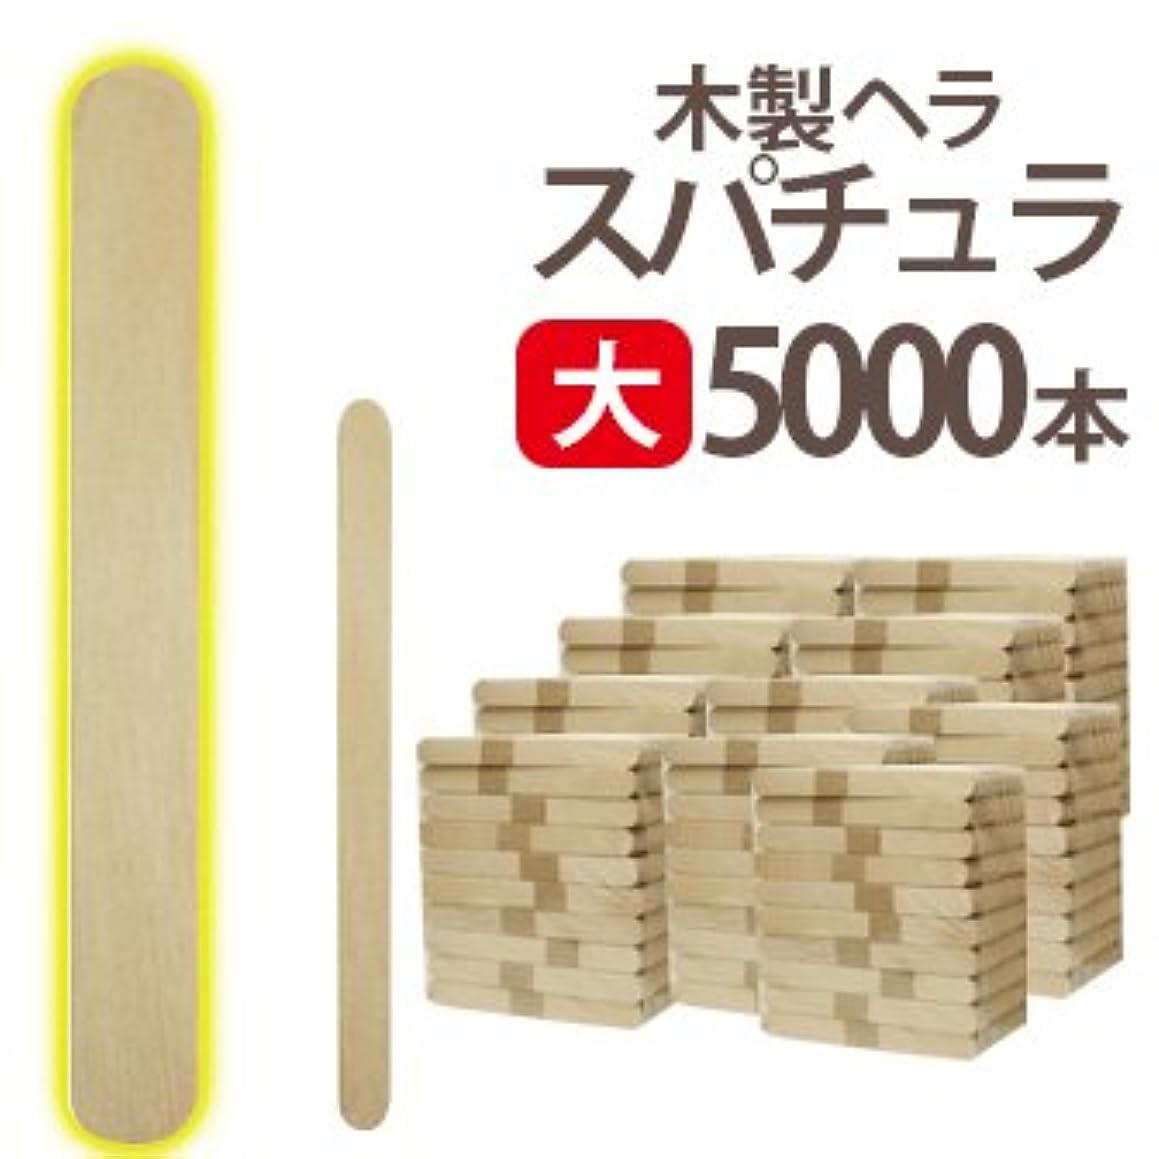 たっぷり大破柔らかい大 ブラジリアンワックス 業務用5000本 スパチュラ Aタイプ(個別梱包なし 150×16)